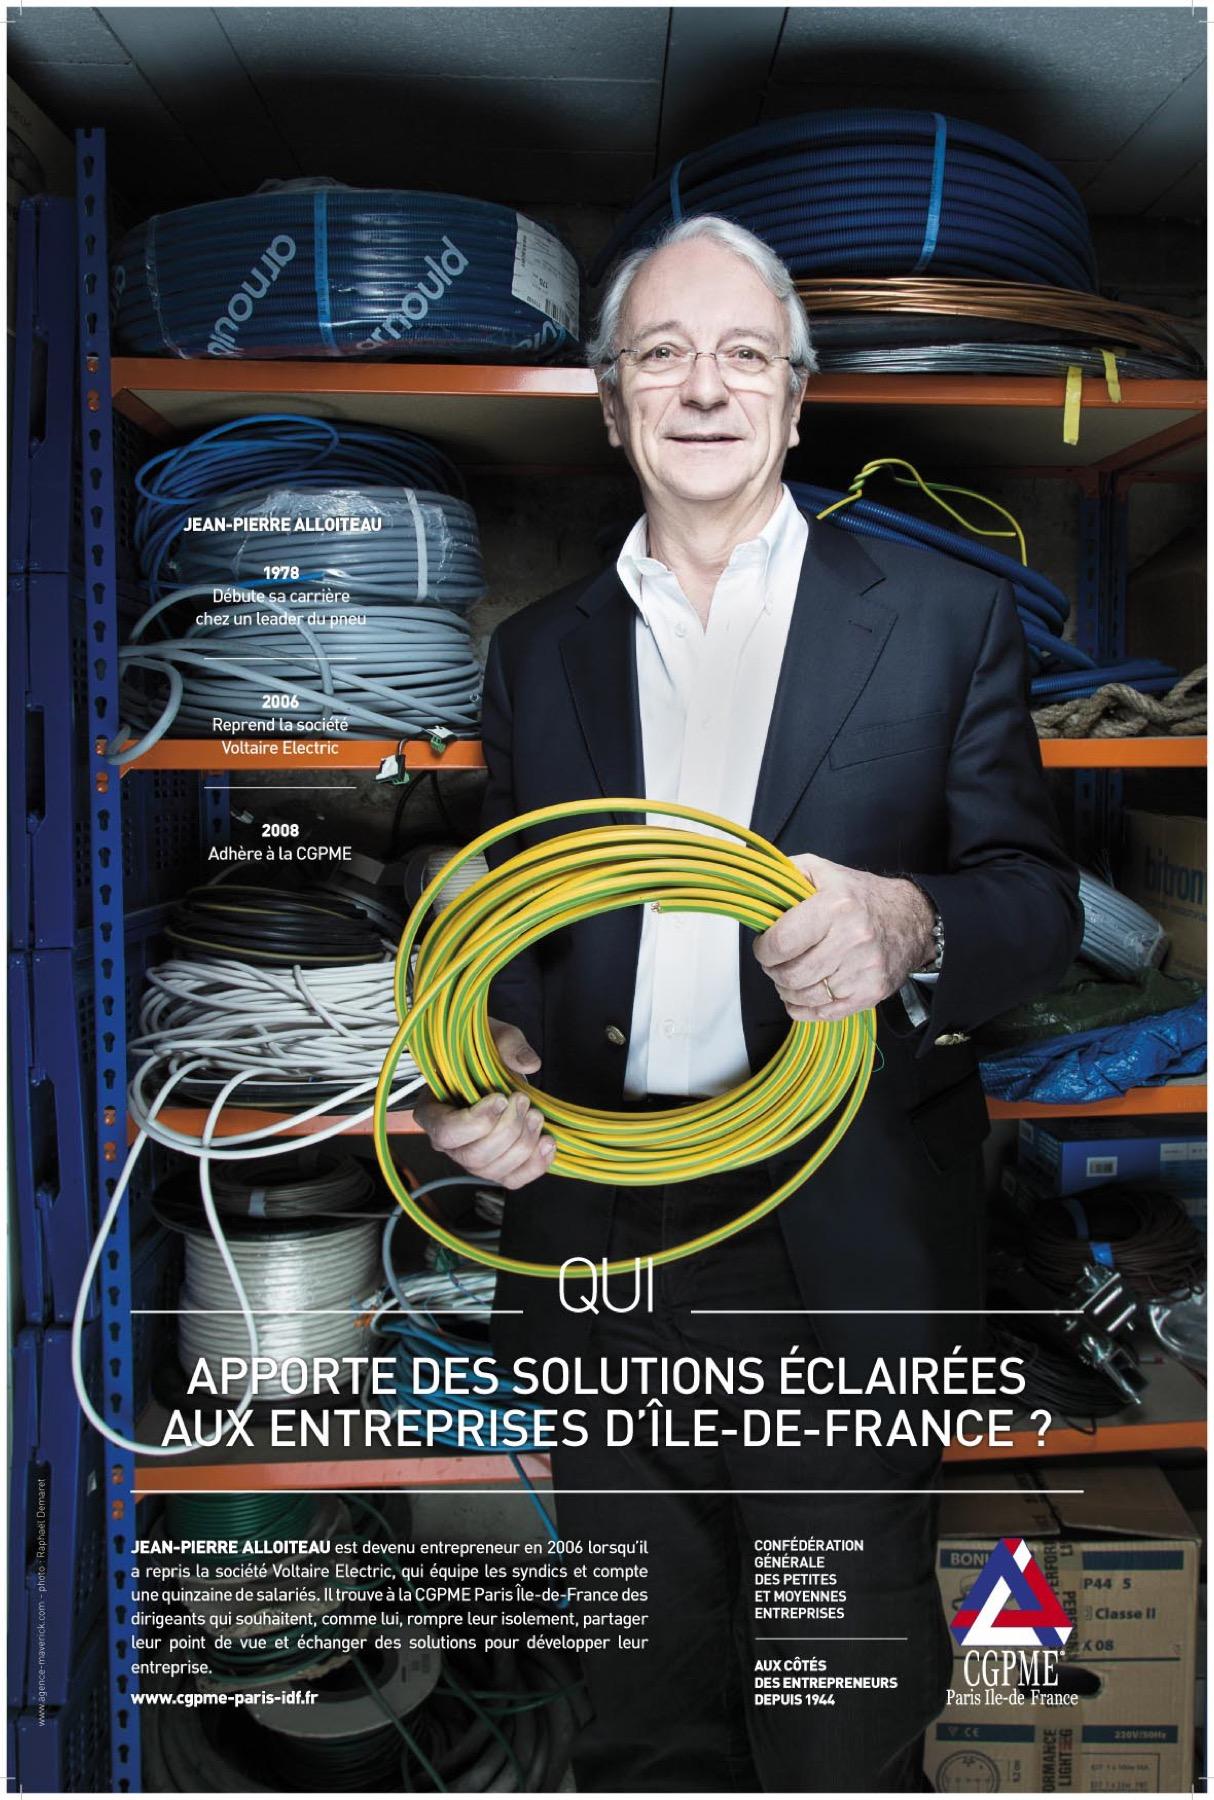 CGPME, Jean-Pierre Alloiteau